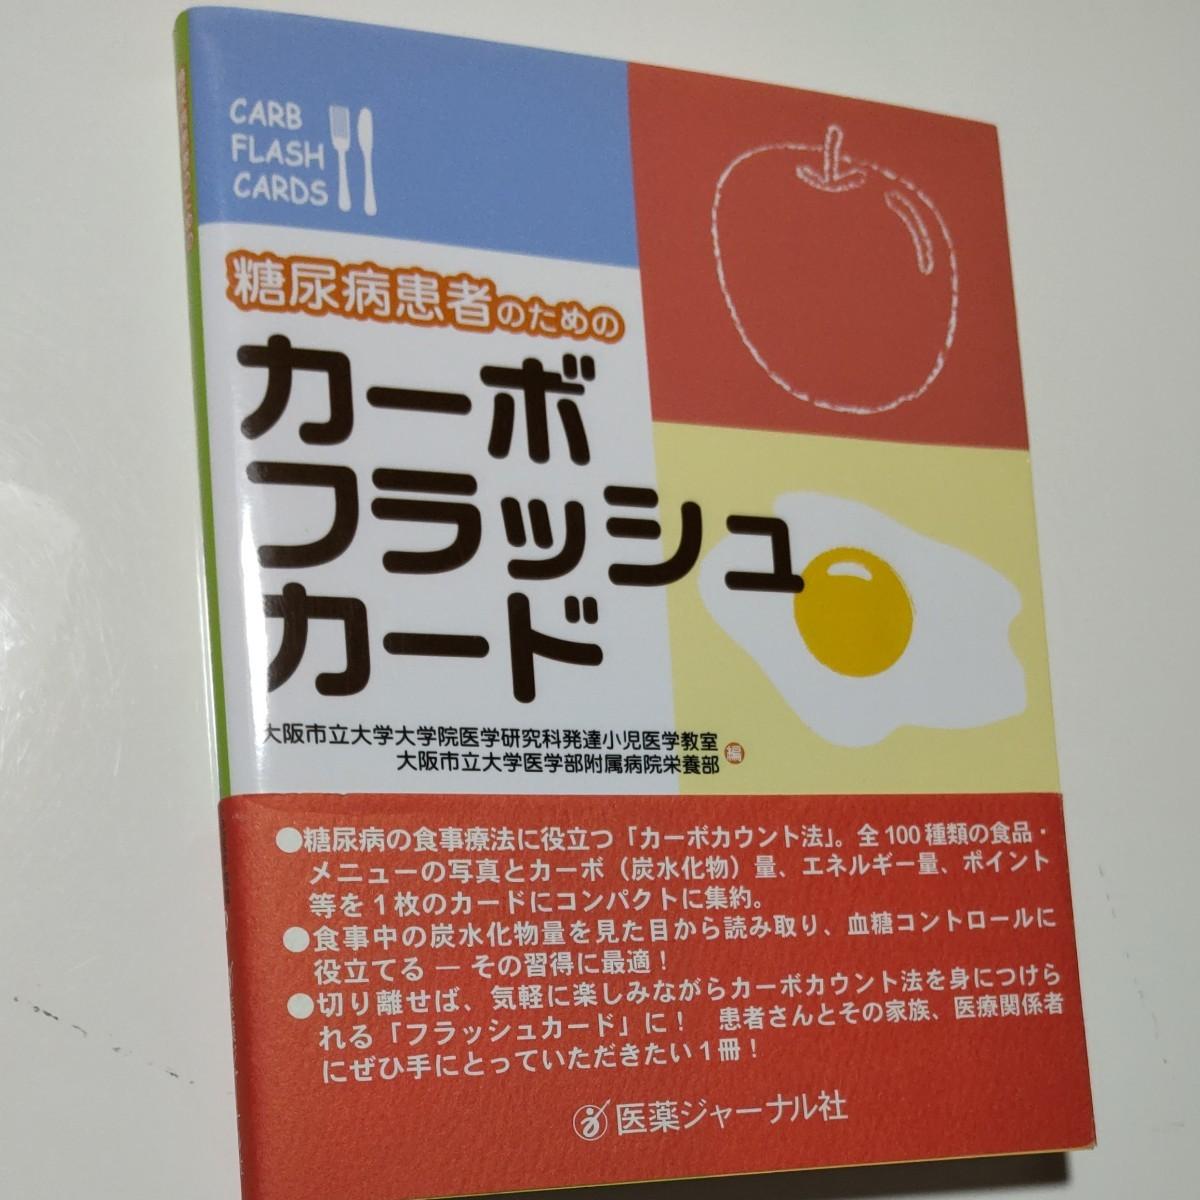 糖尿病患者のためのカーボフラッシュカード